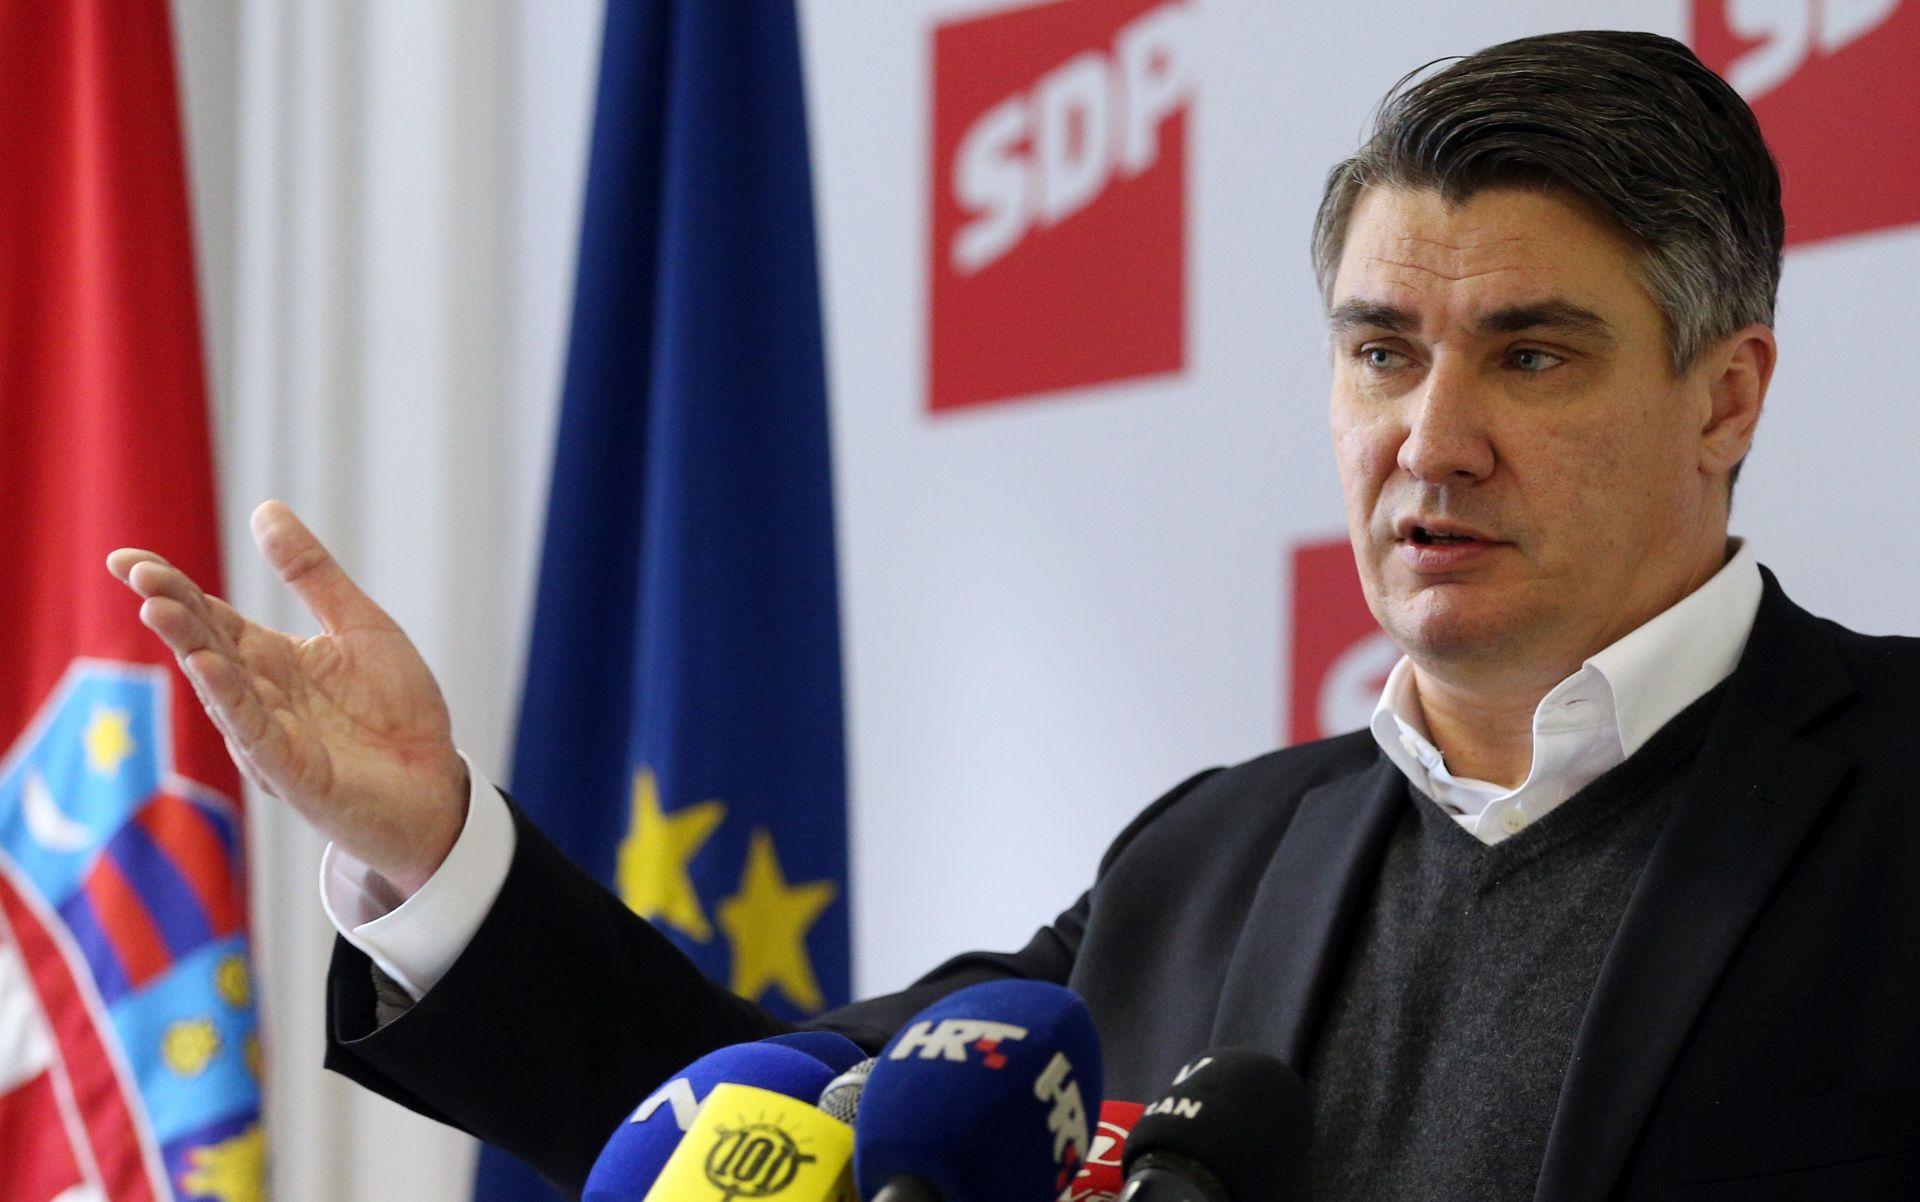 ODGOVOR SDP-a: Hrvatska raste odazvati će se pozivu Mosta